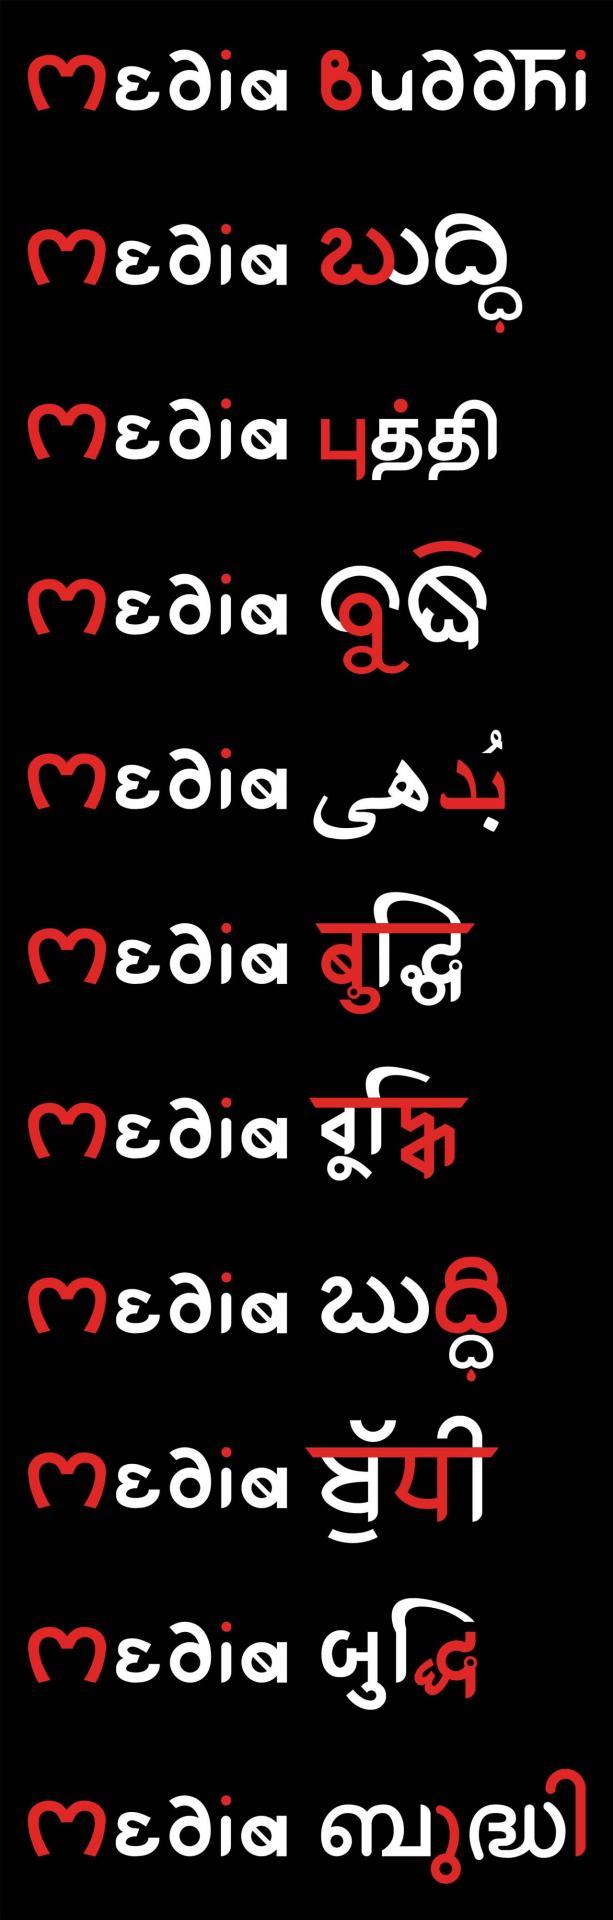 Sml mediabuddhi03